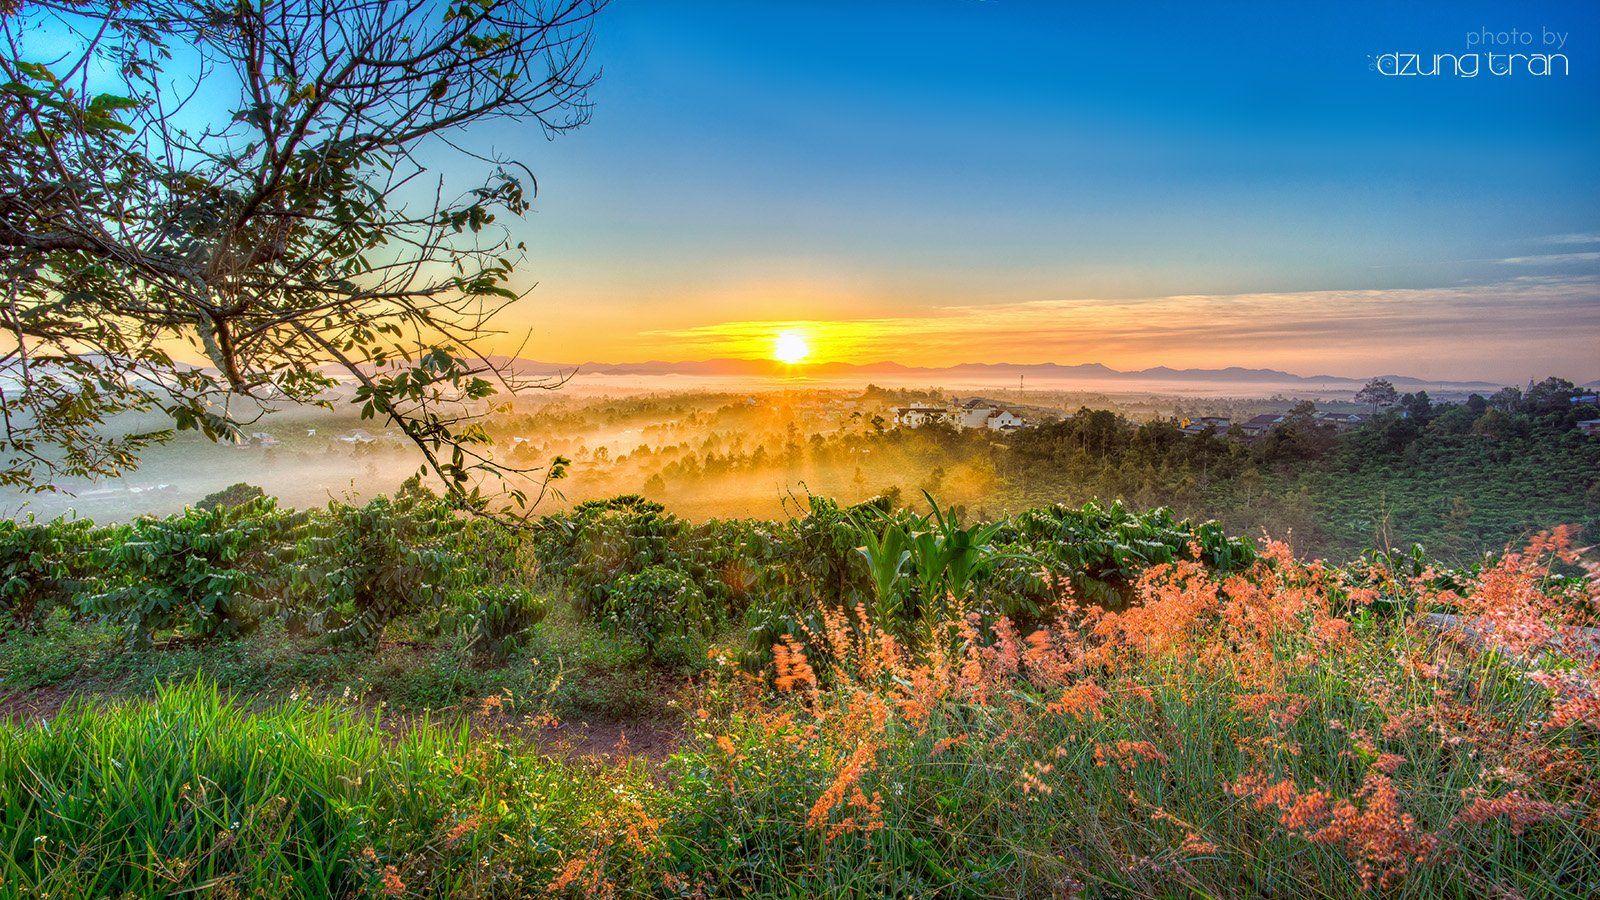 sunrise,baoloc,vietnam,grass, Tran Minh Dung